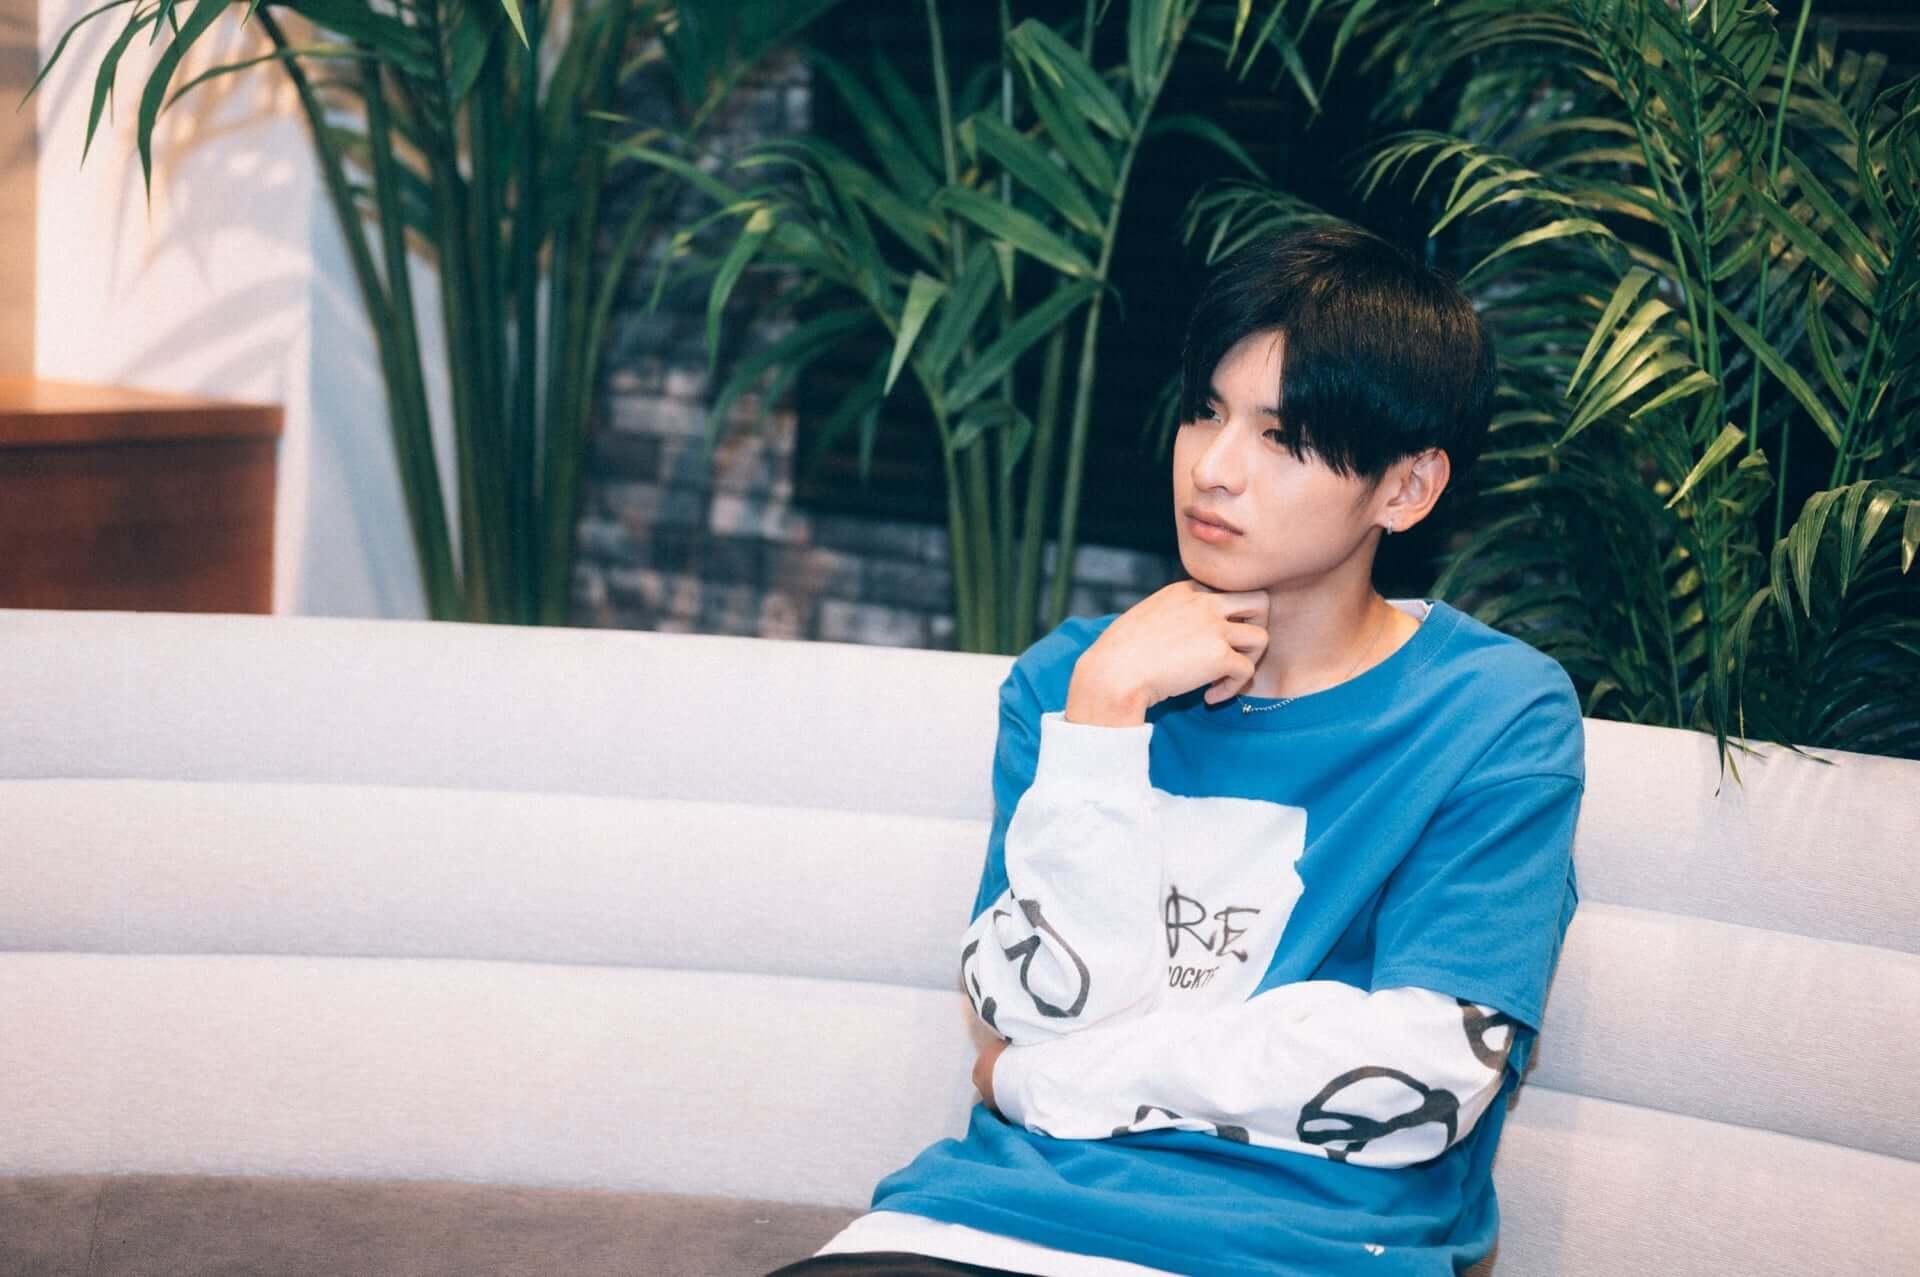 さなり × xiangyu 対談|音楽で人生を変えた2人が『ガリーボーイ』から受け取ったもの interview1024_xiangyu_sanari-5-1920x1277